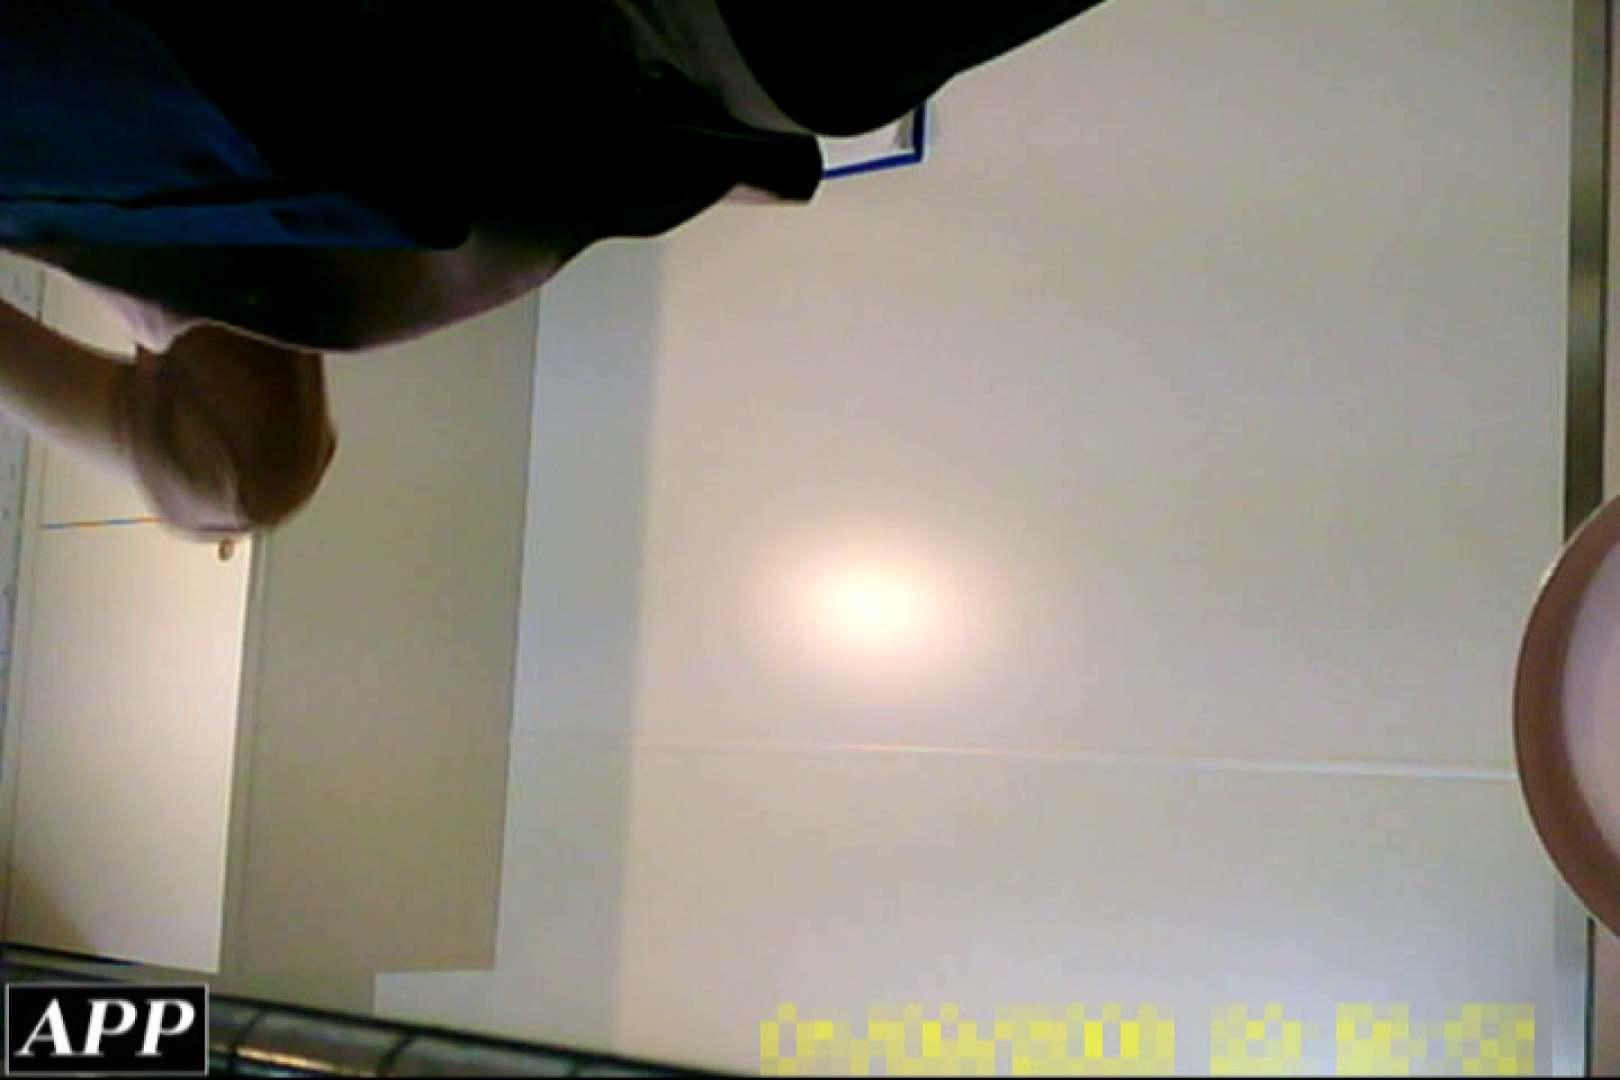 3視点洗面所 vol.126 OLのボディ | マンコ満開  54PIX 19